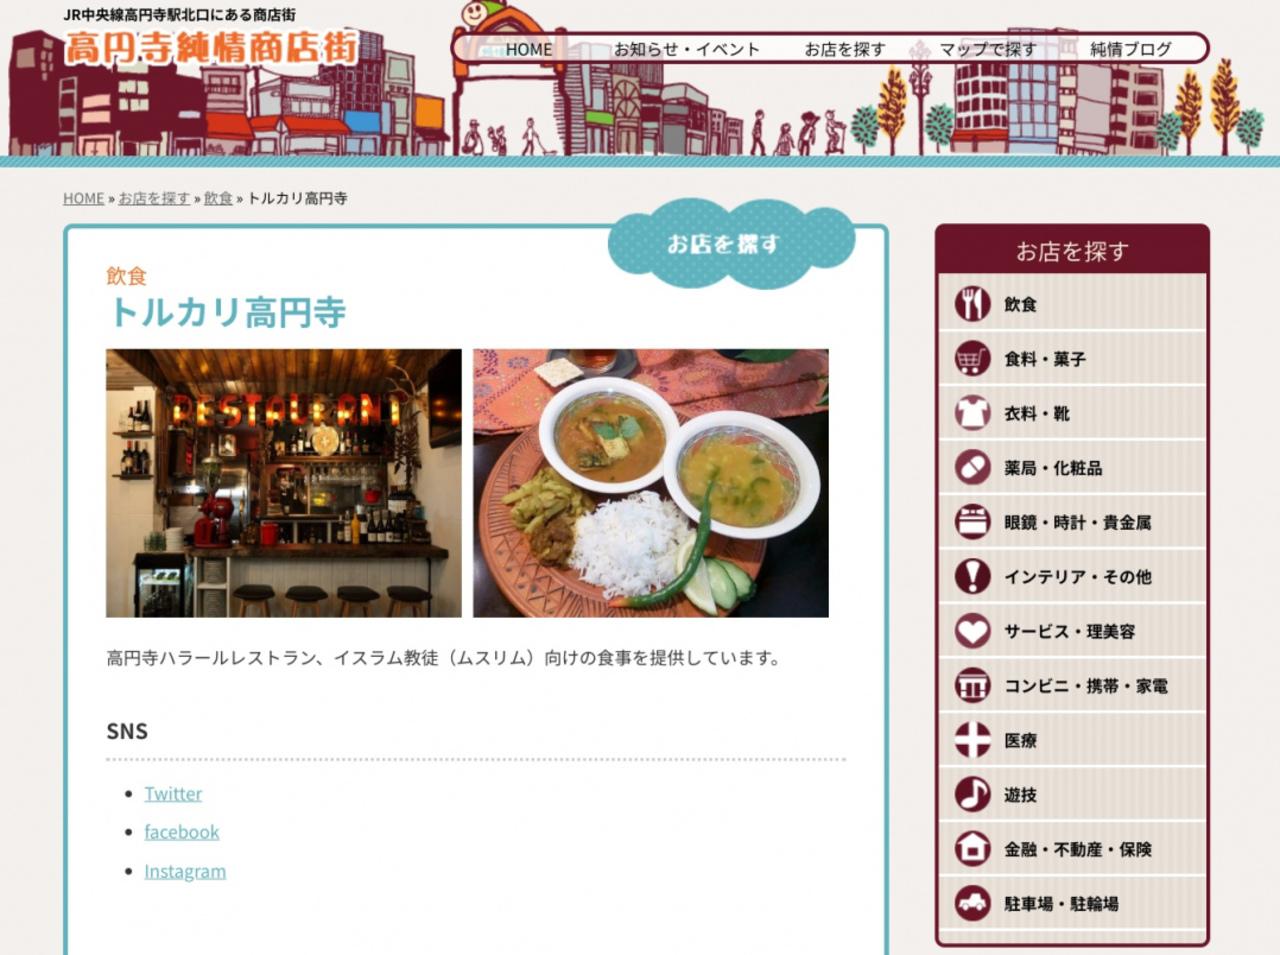 高円寺純情商店街のホームページにトルカリ高円寺を掲載していただきました!